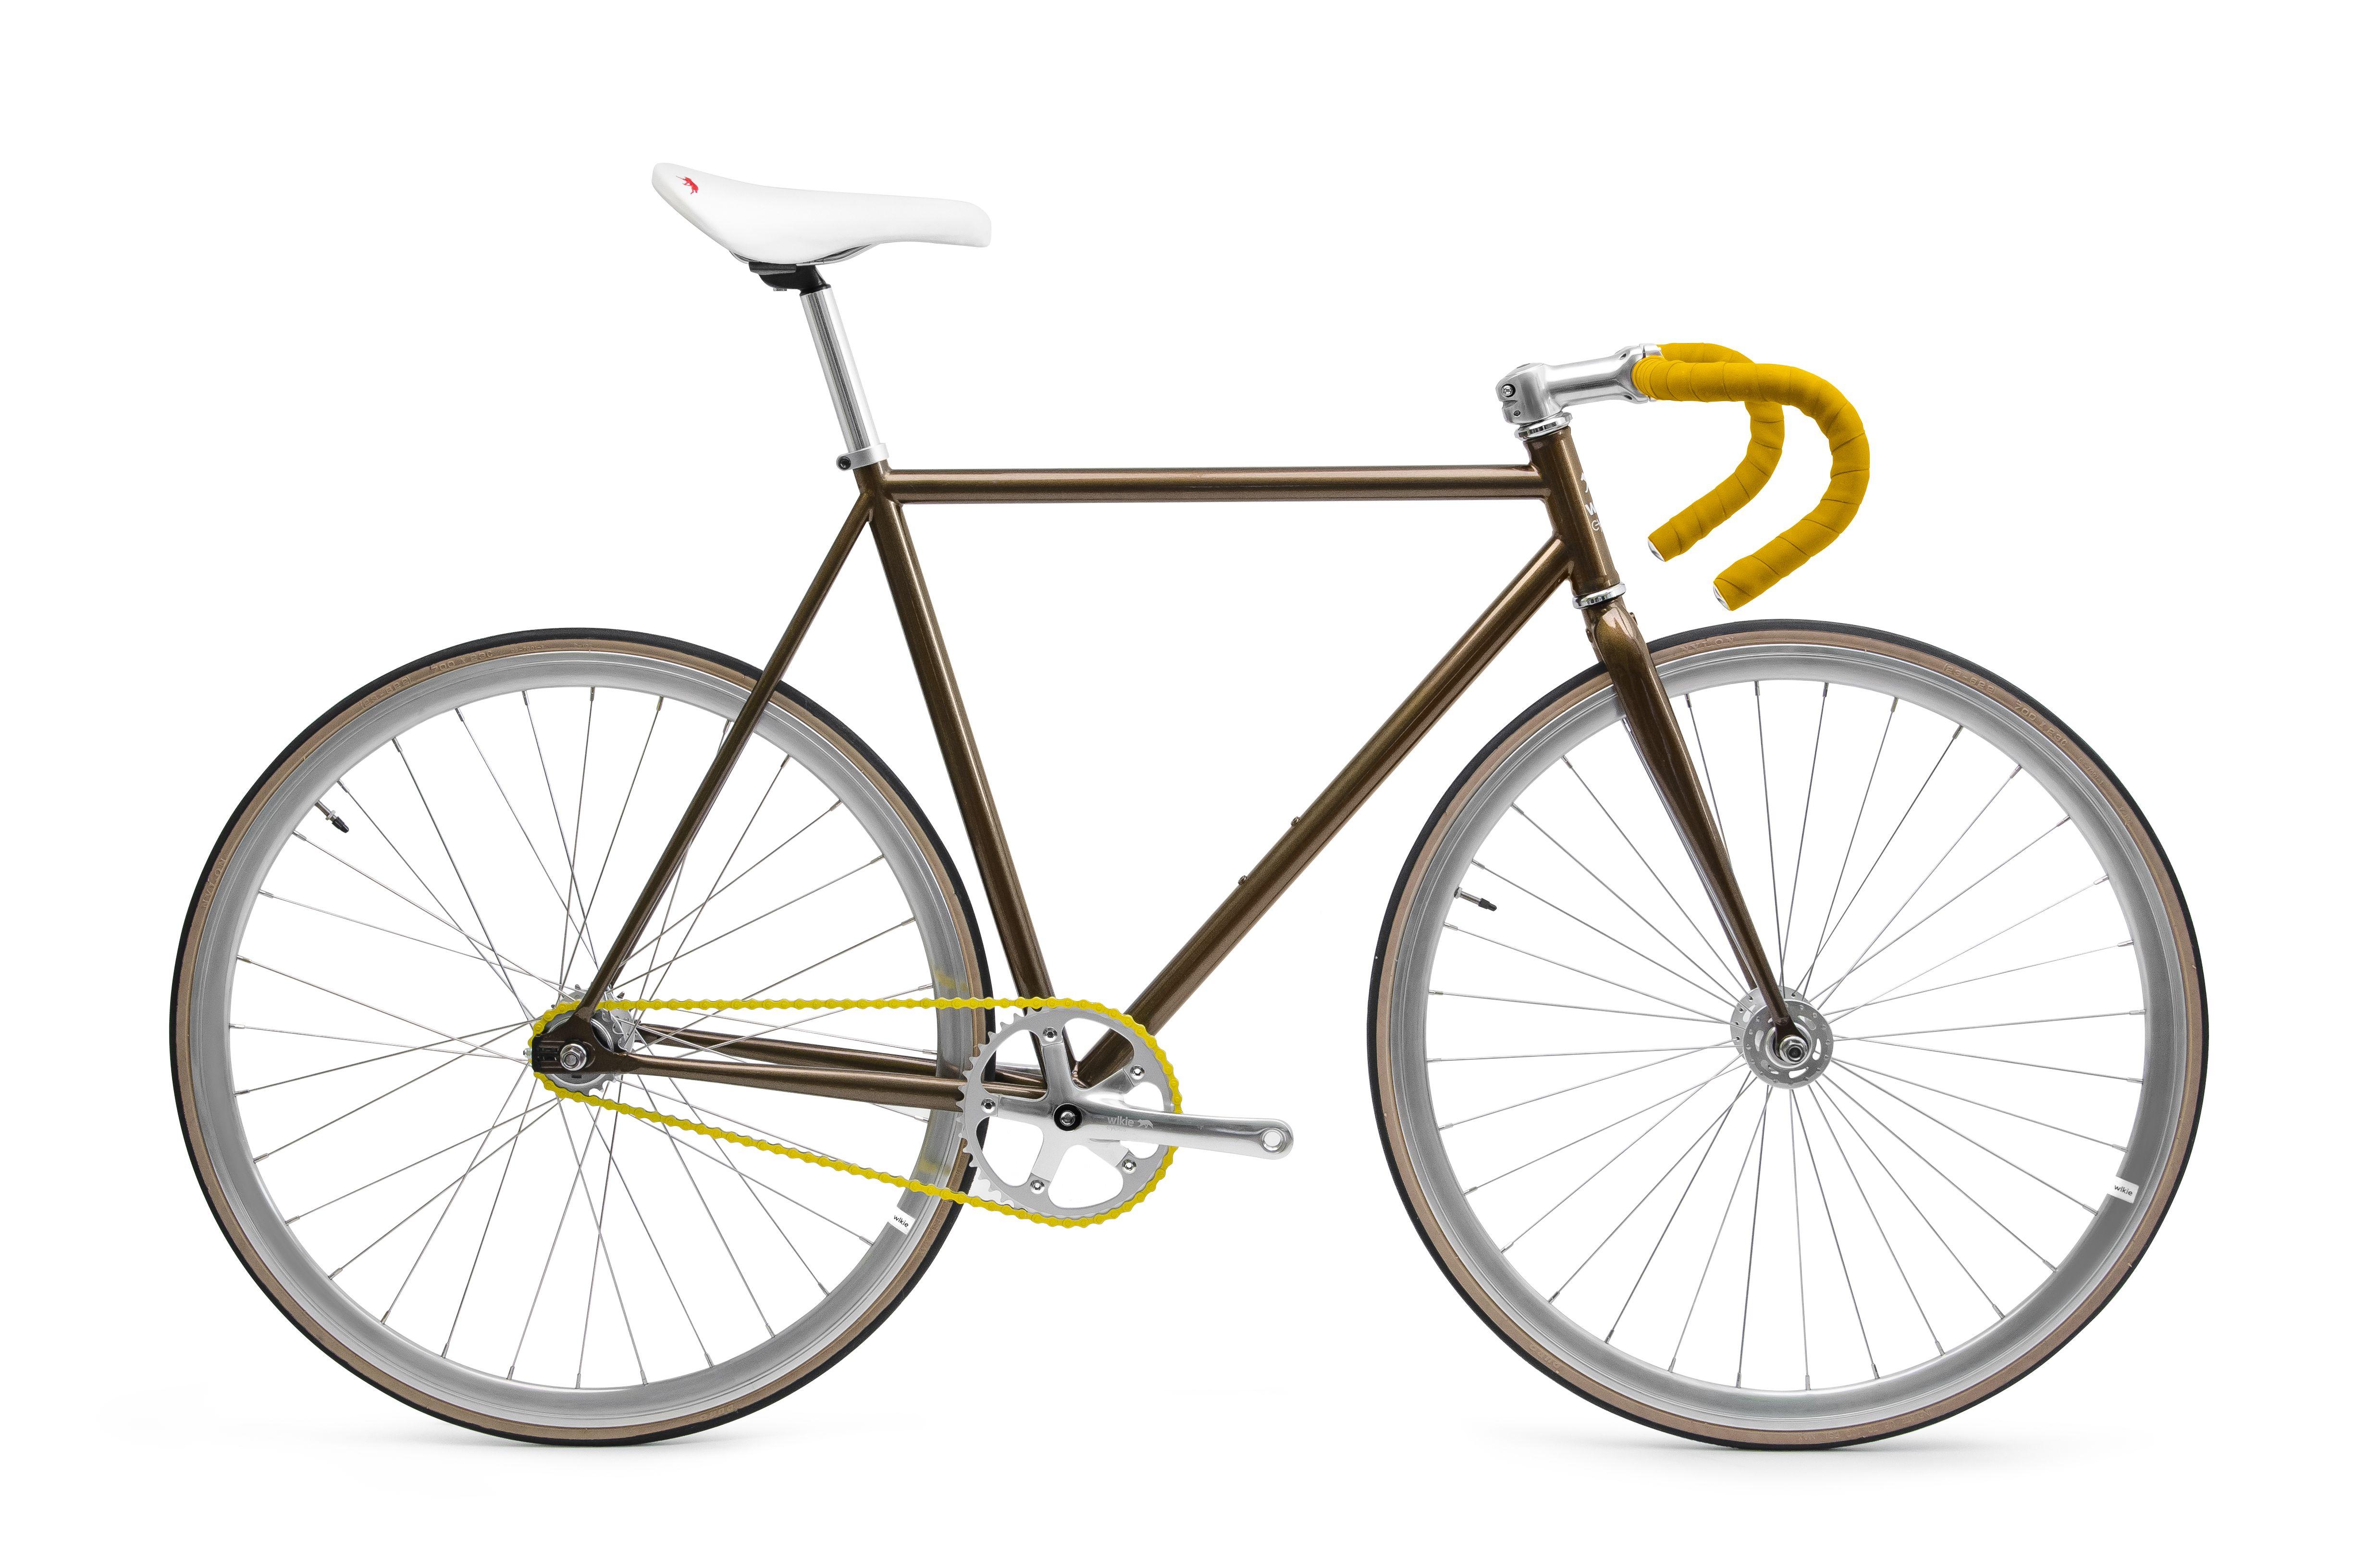 Berlin Fixie ! Single speed bike | // WlKIE FIXIE URBAN BIKES ...